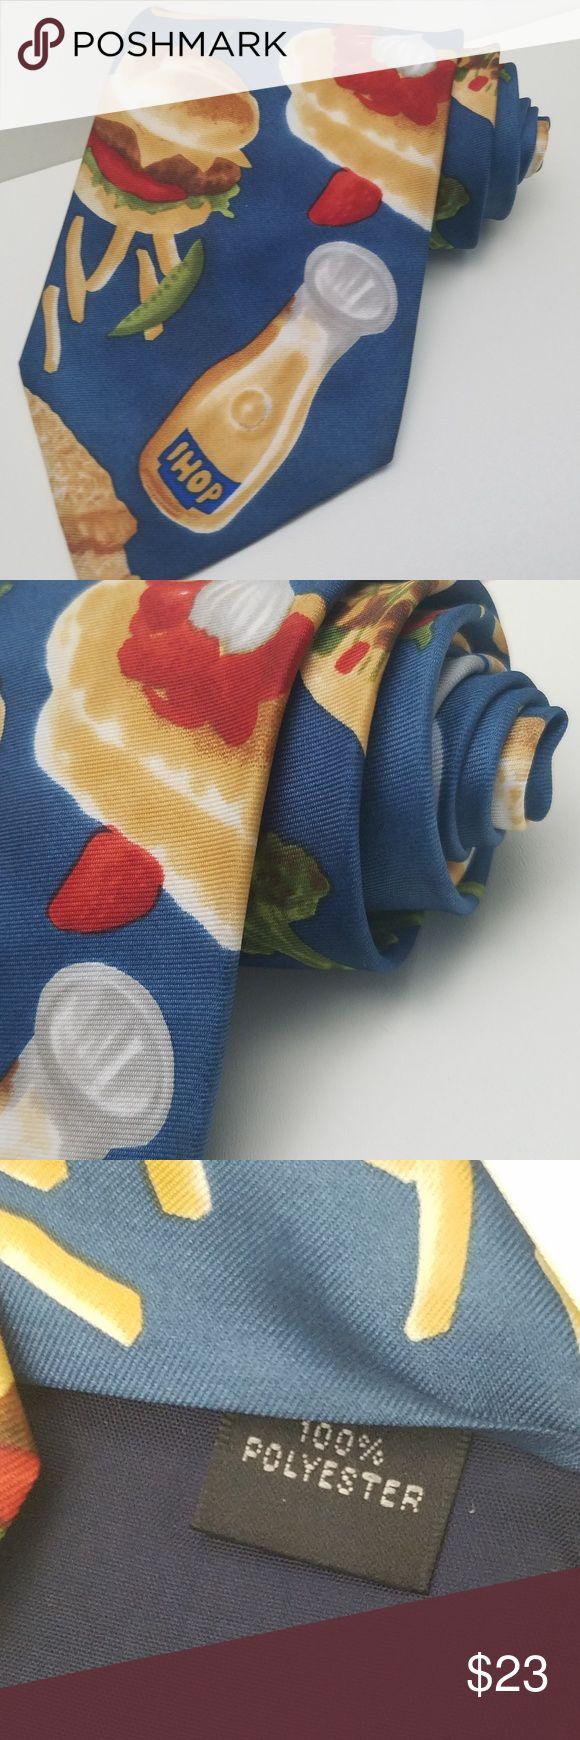 Vintage Ihop Server Novelty Tie Blue/Food Vintage Ihop Server Novelty Tie Blue/Food   Anthony ~polyester Accessories Ties